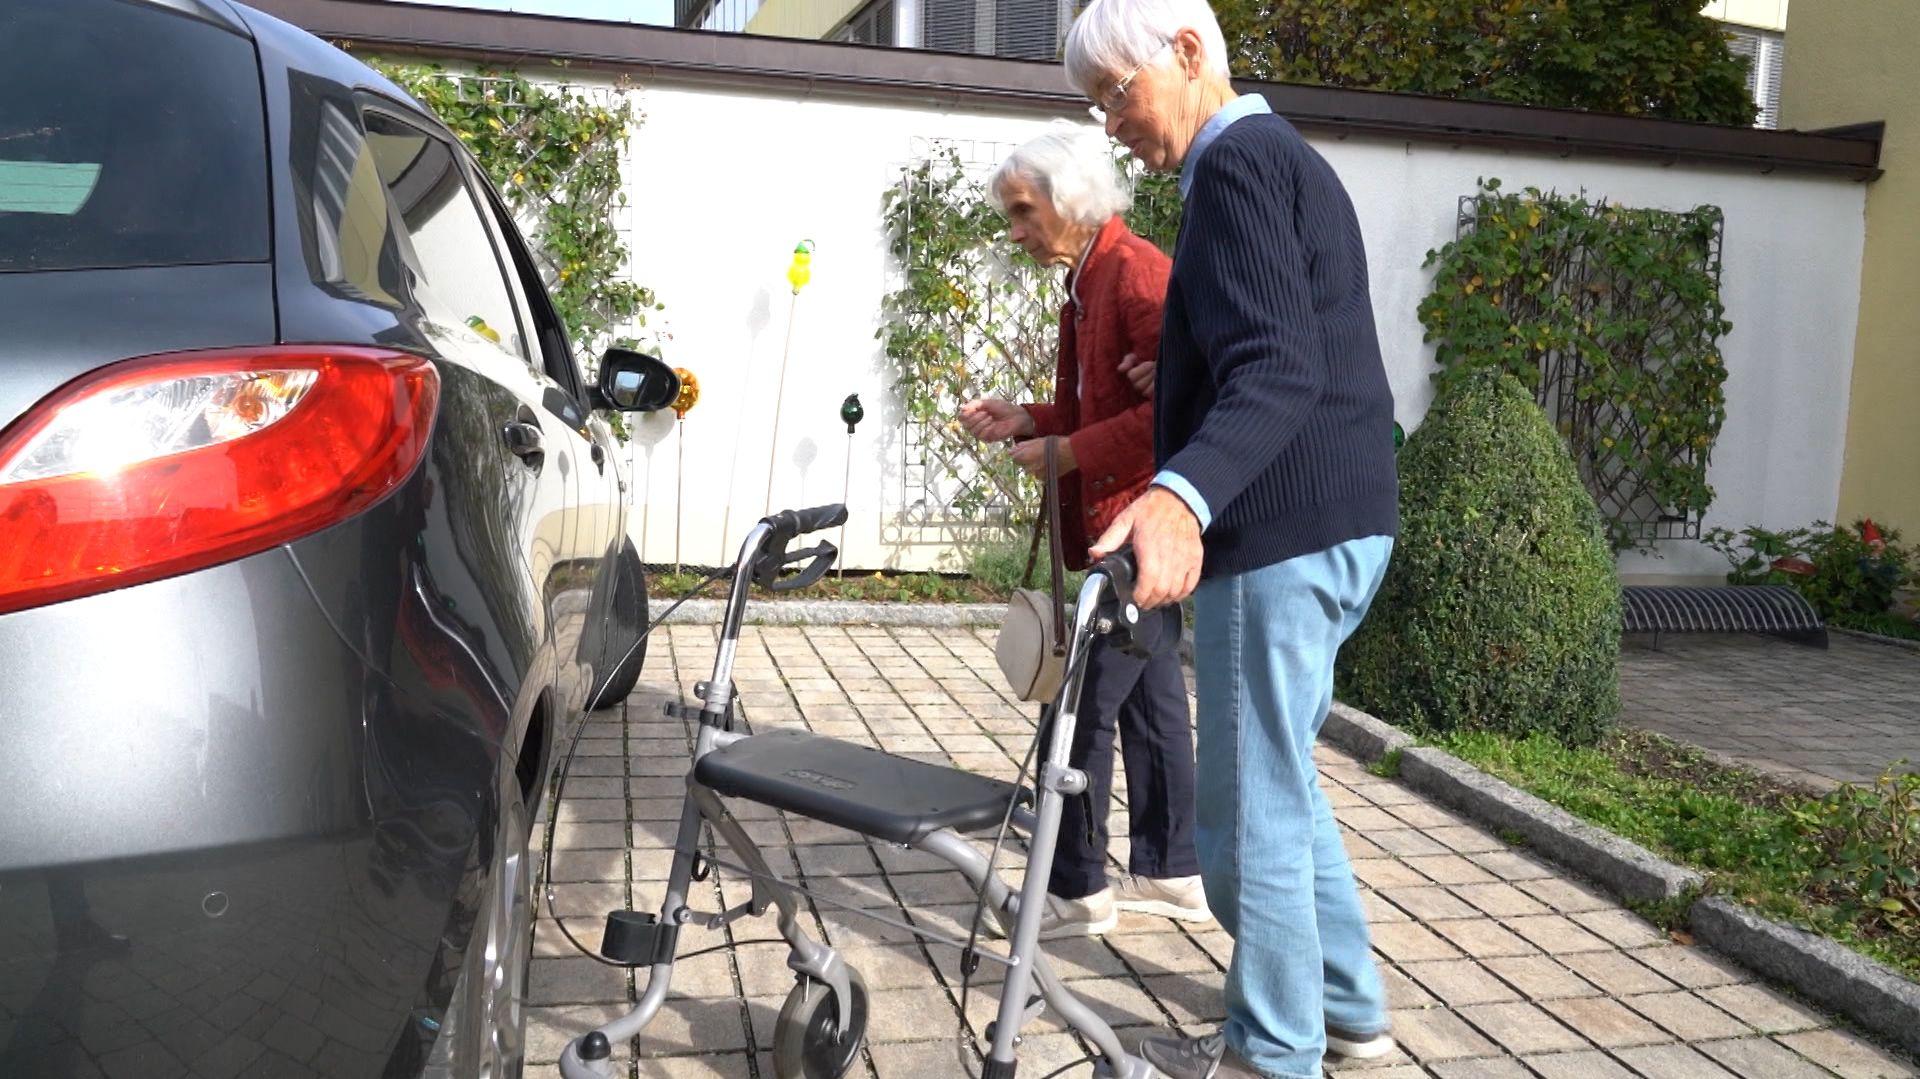 Gisela Mudrich und Hedwig Pachl auf dem Weg zum Auto